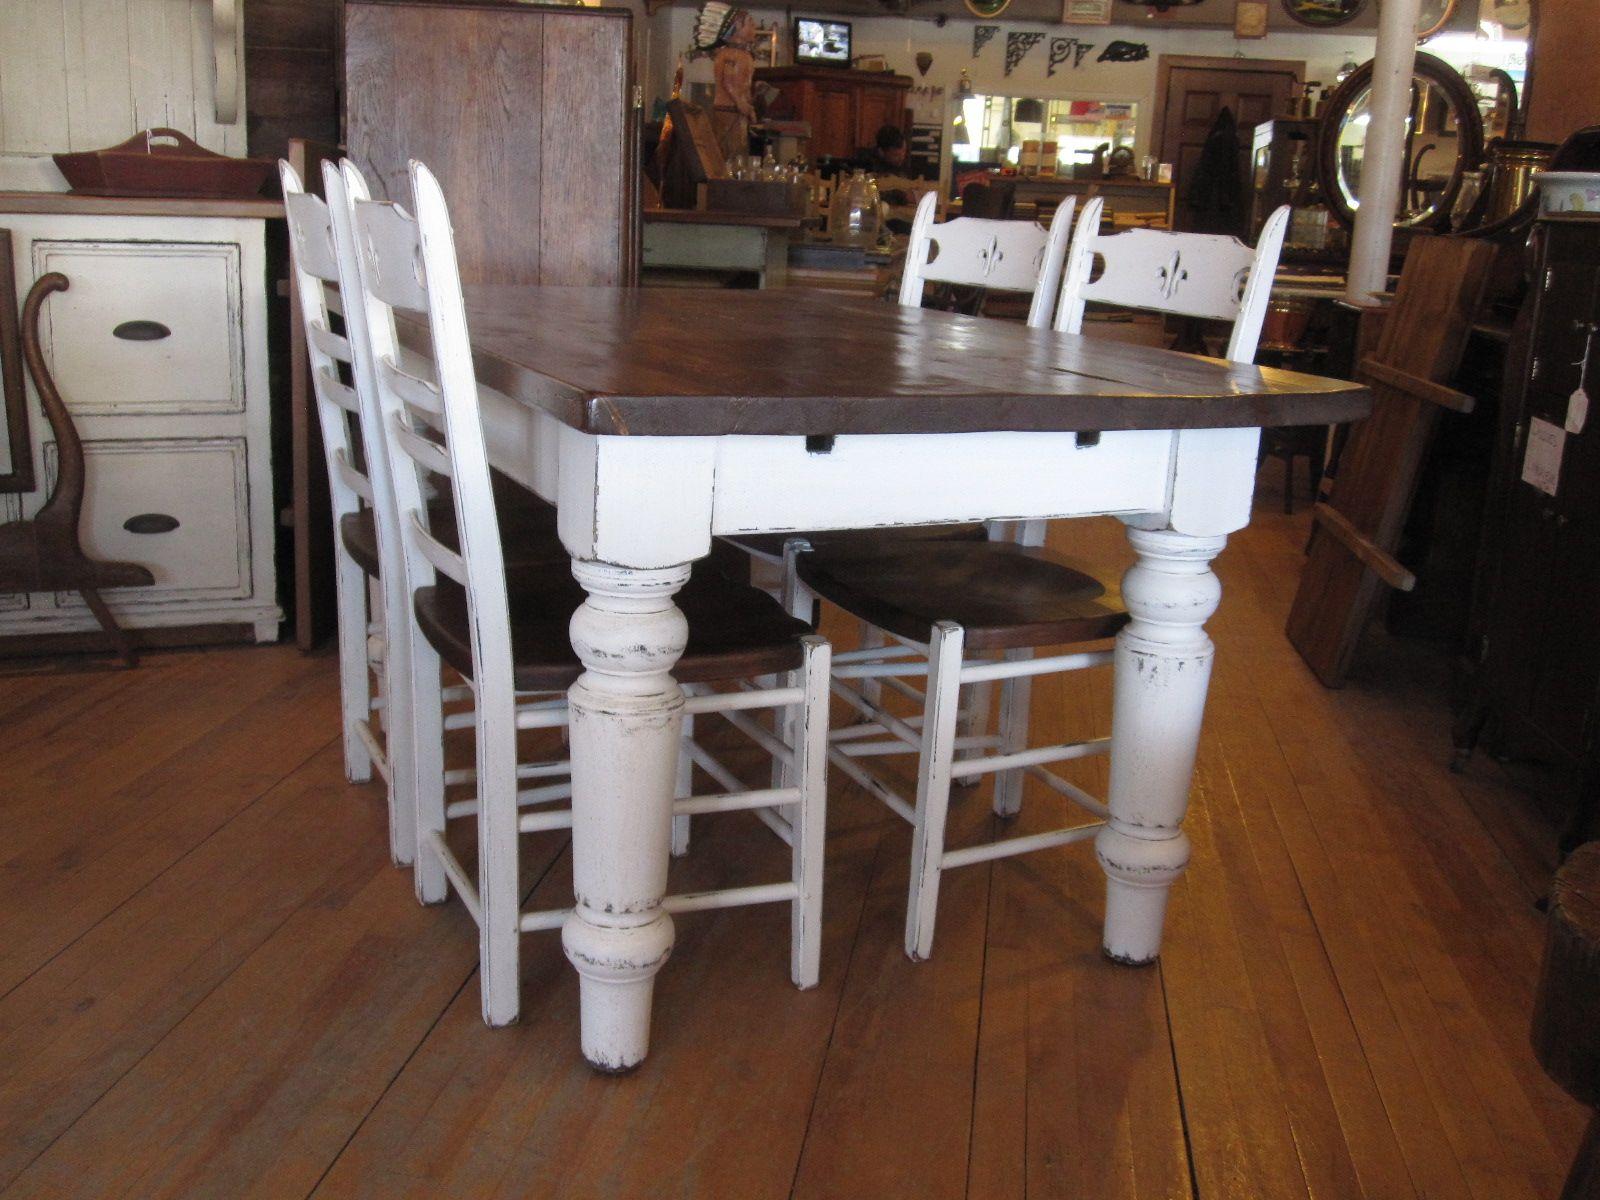 Antiquita C Et Cuisine Antique Champaªtre Rustique Classique Sur Mesure En Pin Ou Vieux Bois Dining Table Rustic Dining Table Decor